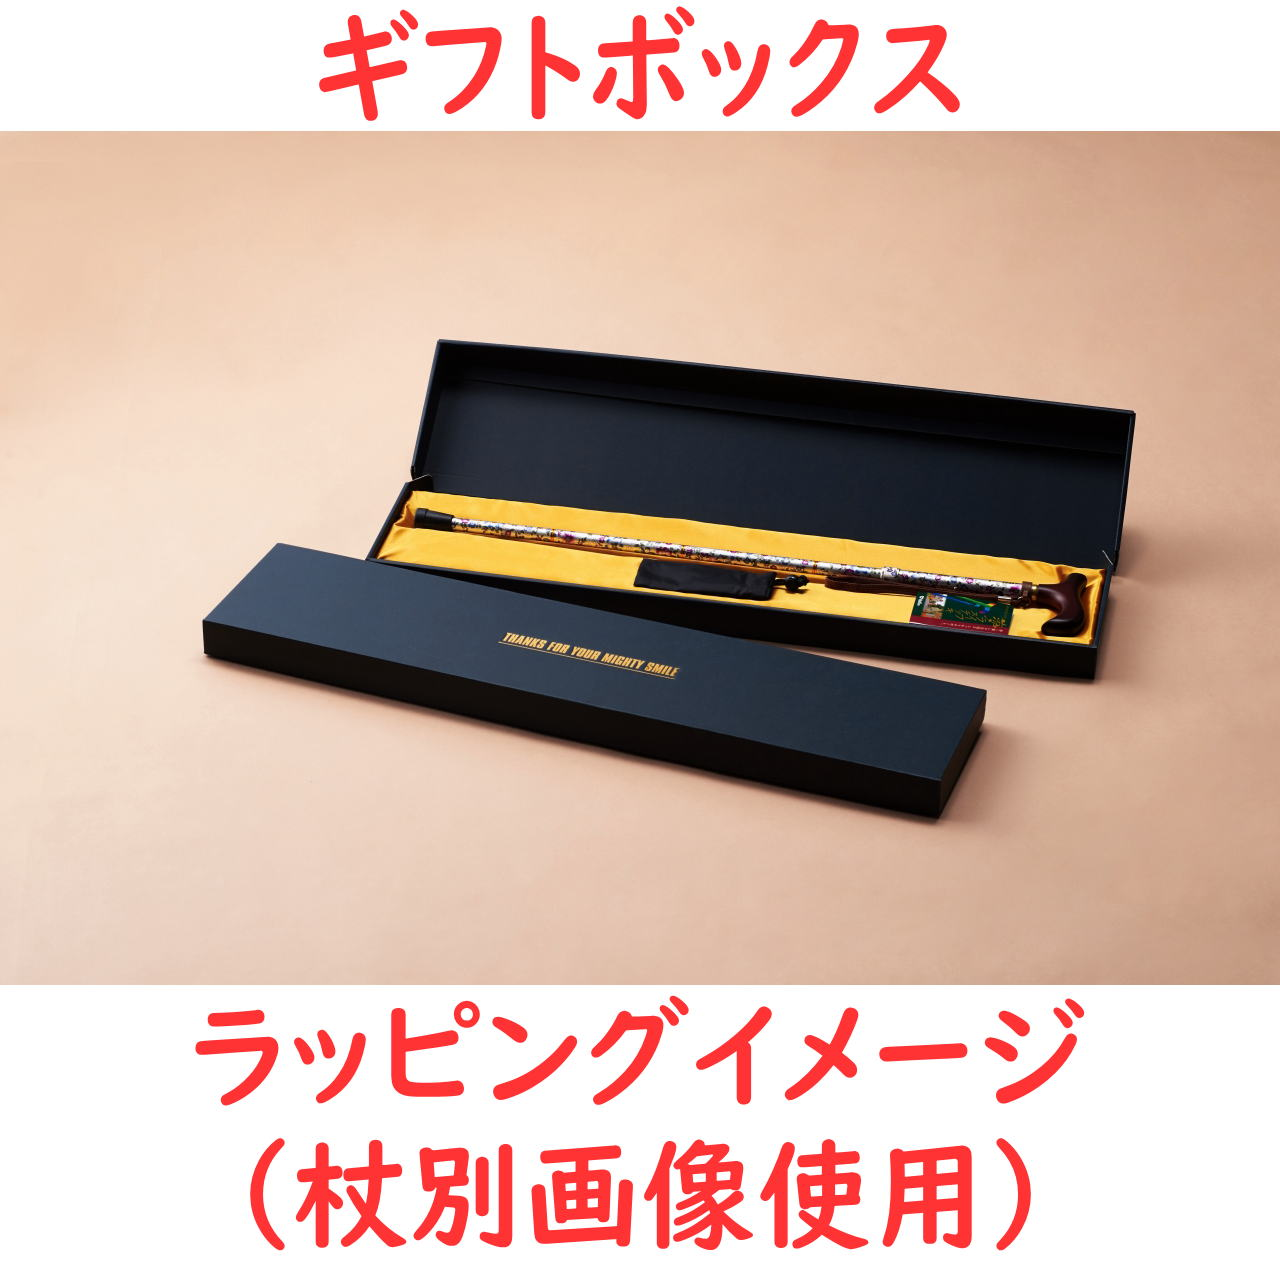 ☆ギフトボックス可☆ 夢ライフステッキ 伸縮型(ベーシックタイプ) ネイビー